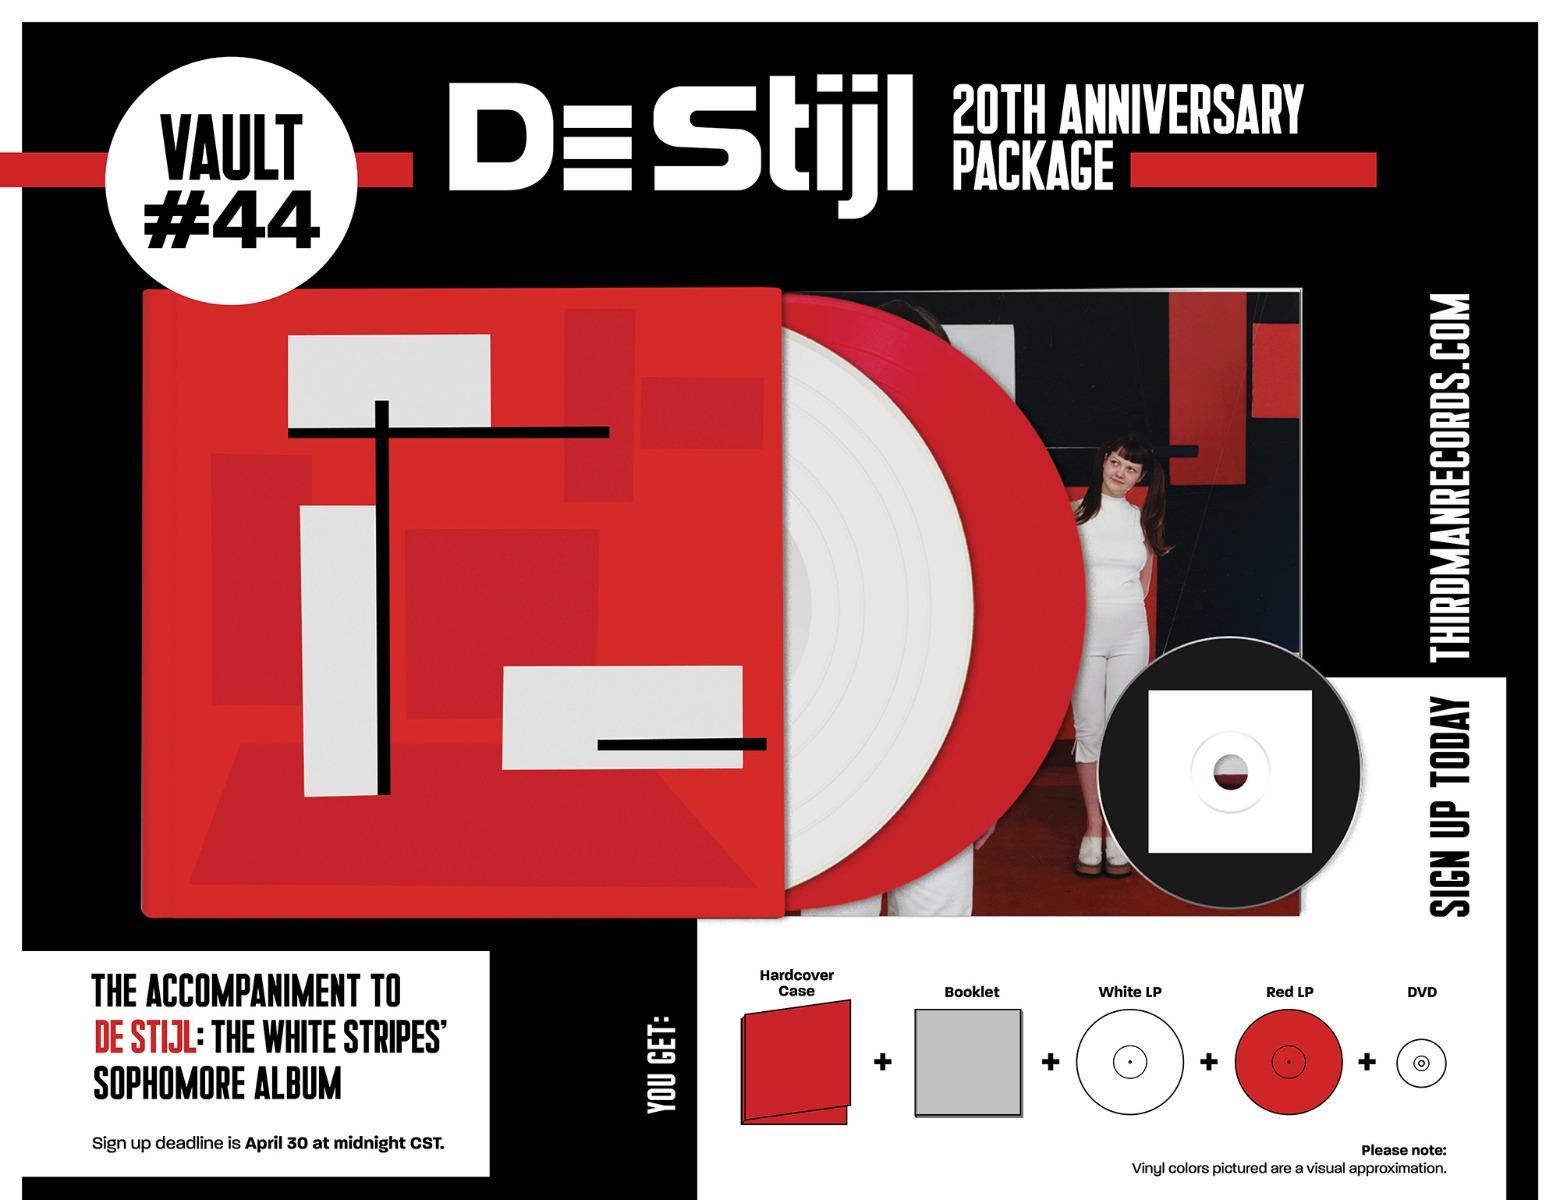 White Stripes De Stijl 20th anniversary